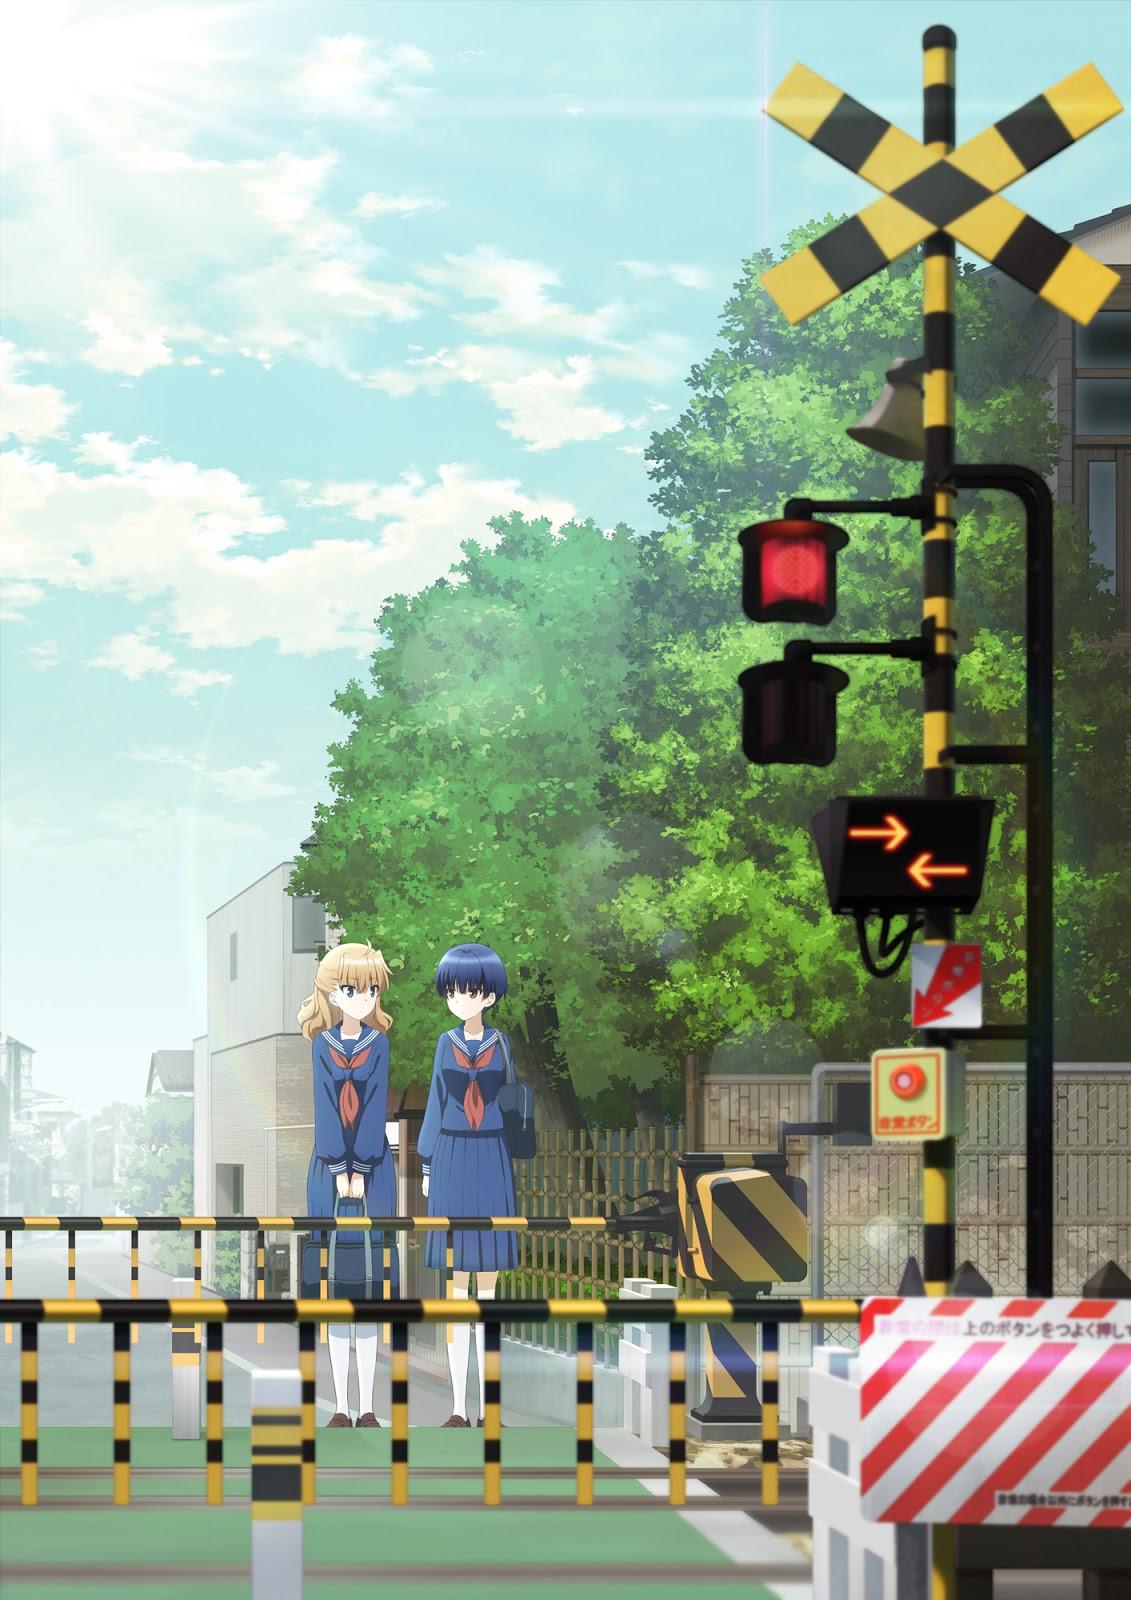 Kết quả hình ảnh cho fumikiri jikan anime